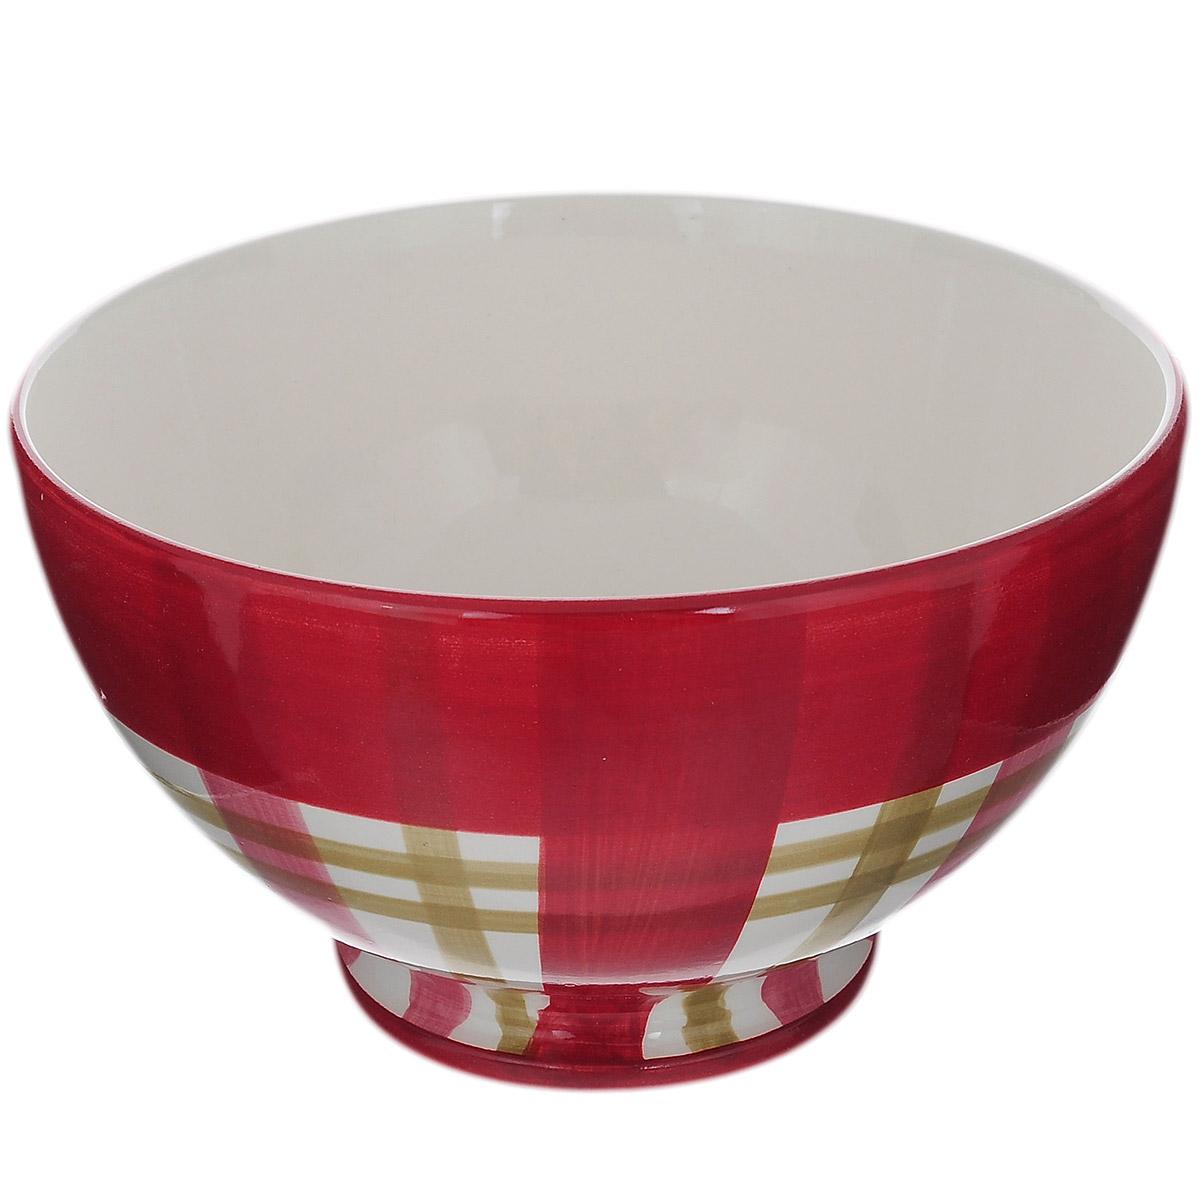 Салатник Polnaya Chasha Вишня, диаметр 18 смВ63627АСалатник Polnaya Chasha Вишня изготовлен из высококачественной глазурованной керамики и оформлен рисунком в клетку. Такой салатник прекрасно подойдет для подачи салатов и закусок. Он ярко украсит ваш стол и станет практичным аксессуаром на вашей кухне. Коллекция Вишня - это очень модный и современный дизайн для использования каждый день на вашем столе. Каждый предмет данной коллекции эксклюзивно раскрашен вручную с помощью ярких устойчивых красок. Подходит для использования в микроволновых печах, а также для мытья в посудомоечных машинах. Диаметр: 18 см. Высота стенки: 10,5 см.